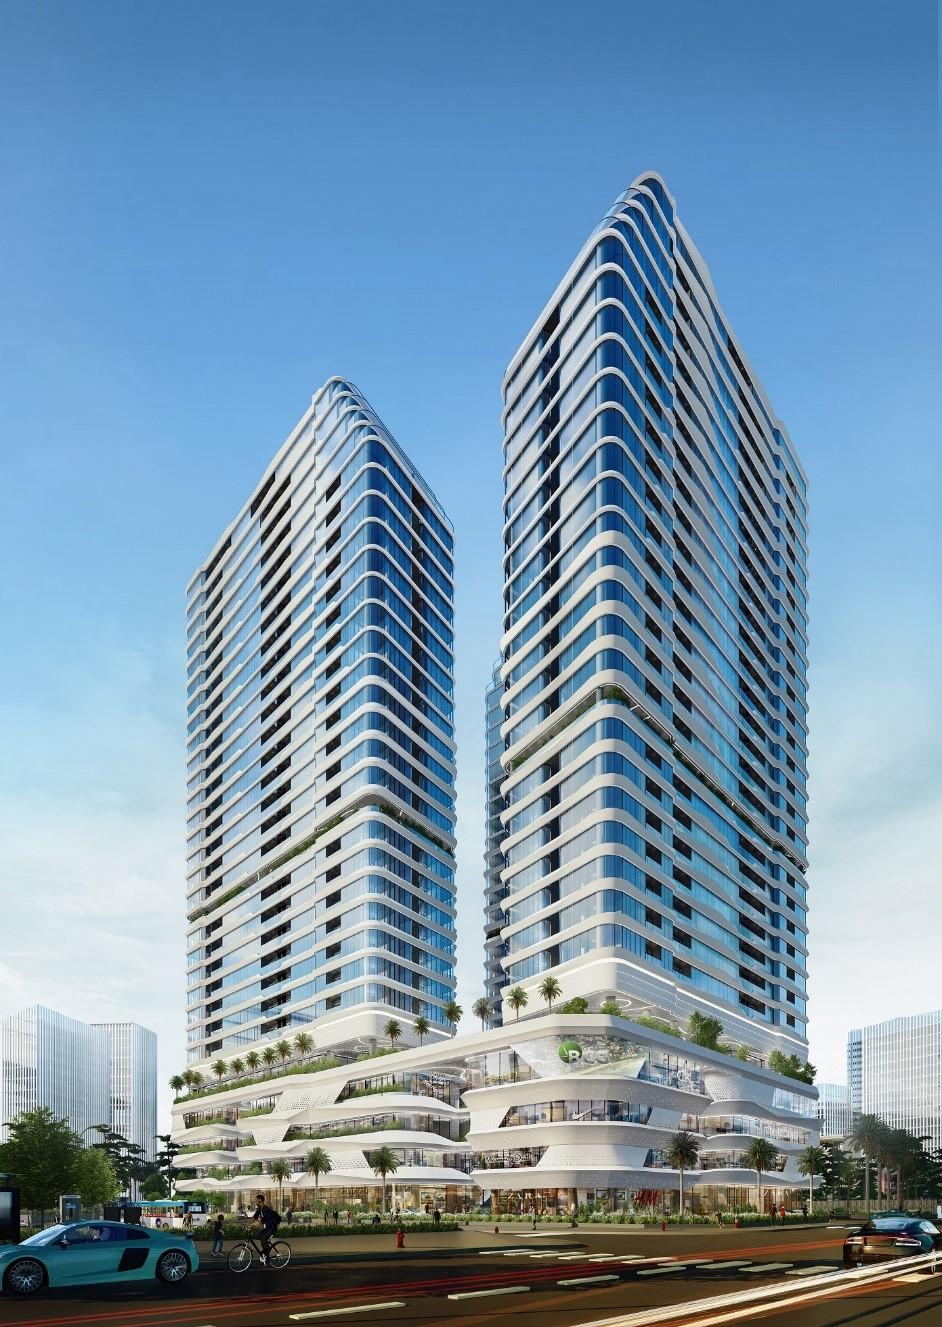 Với tòa tháp đôi cao 30 tầng ngay mặt tiền đường Võ Văn Ngân, King Crown Infinity được kỳ vọng trở thành biểu tượng mới của TP Thủ Đức.